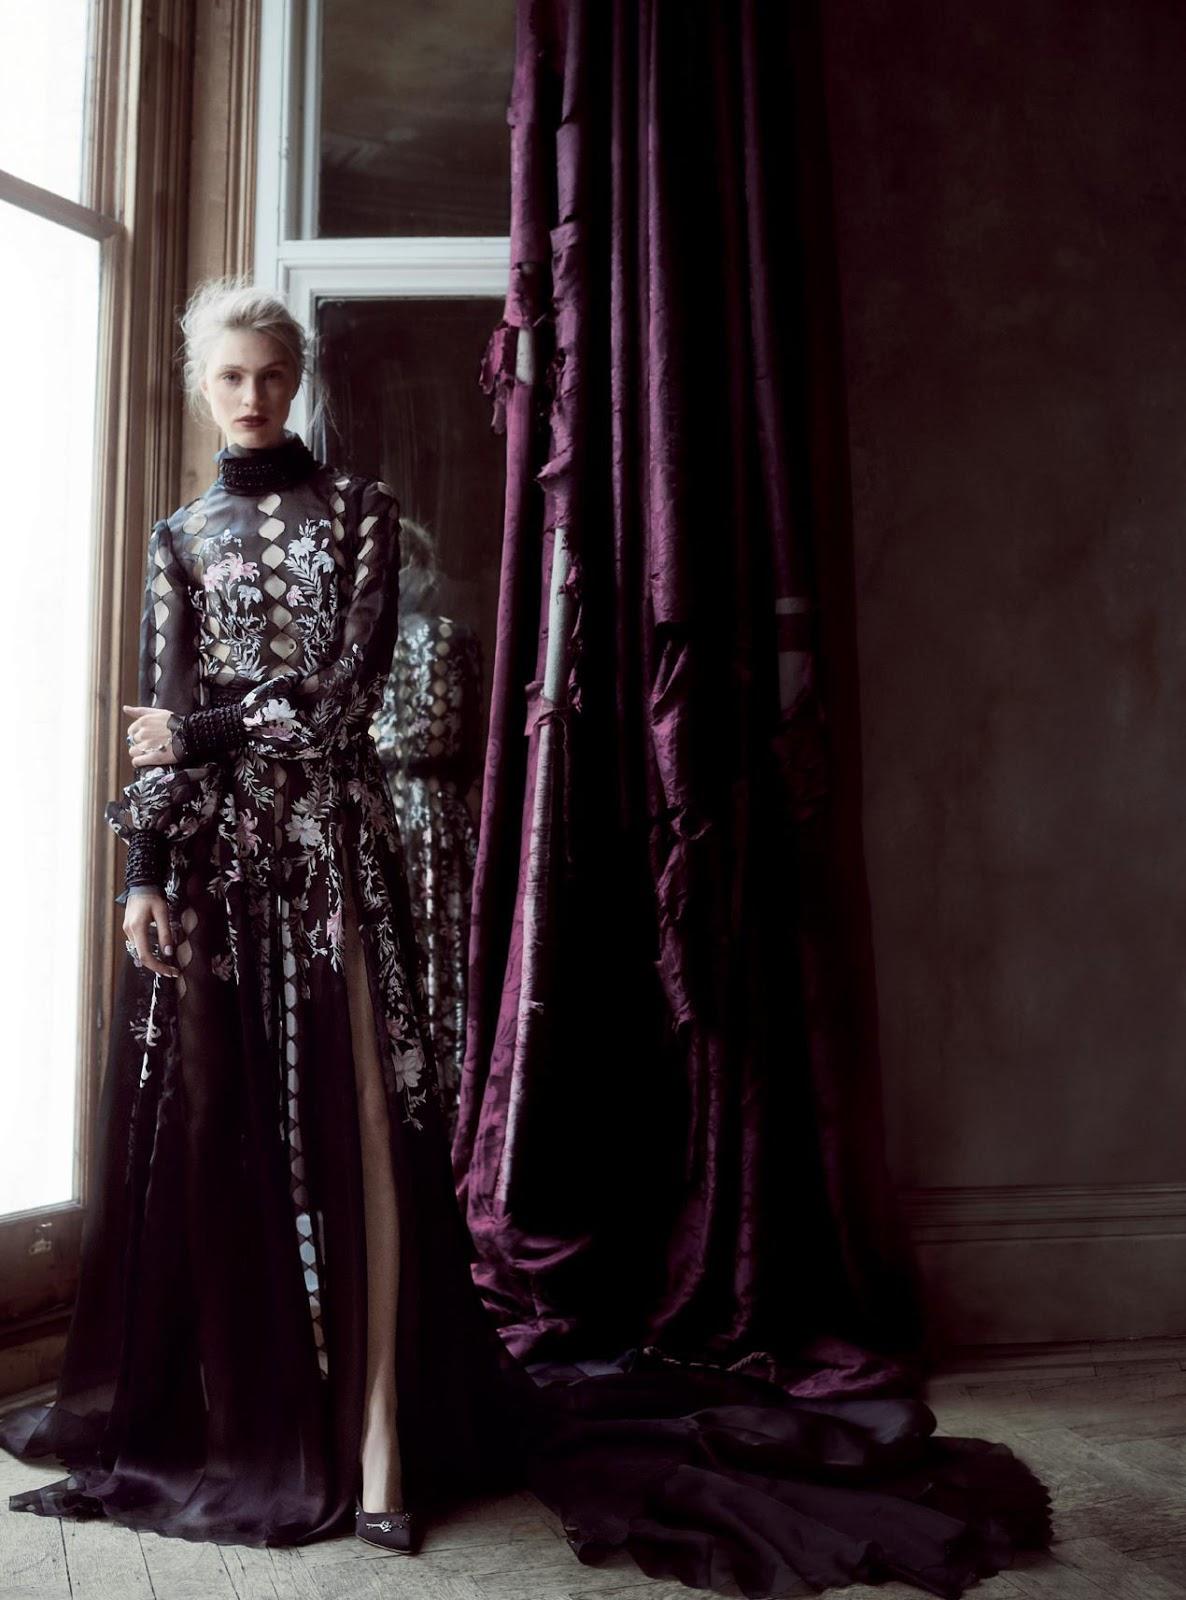 платье из шелка и органзы, Ralph & Russo; украшение на руку из золота с бриллиантами и черными опалами, кольцо из белого золота с аметистами, сапфирами, рубинами и турмалинами, Chopard